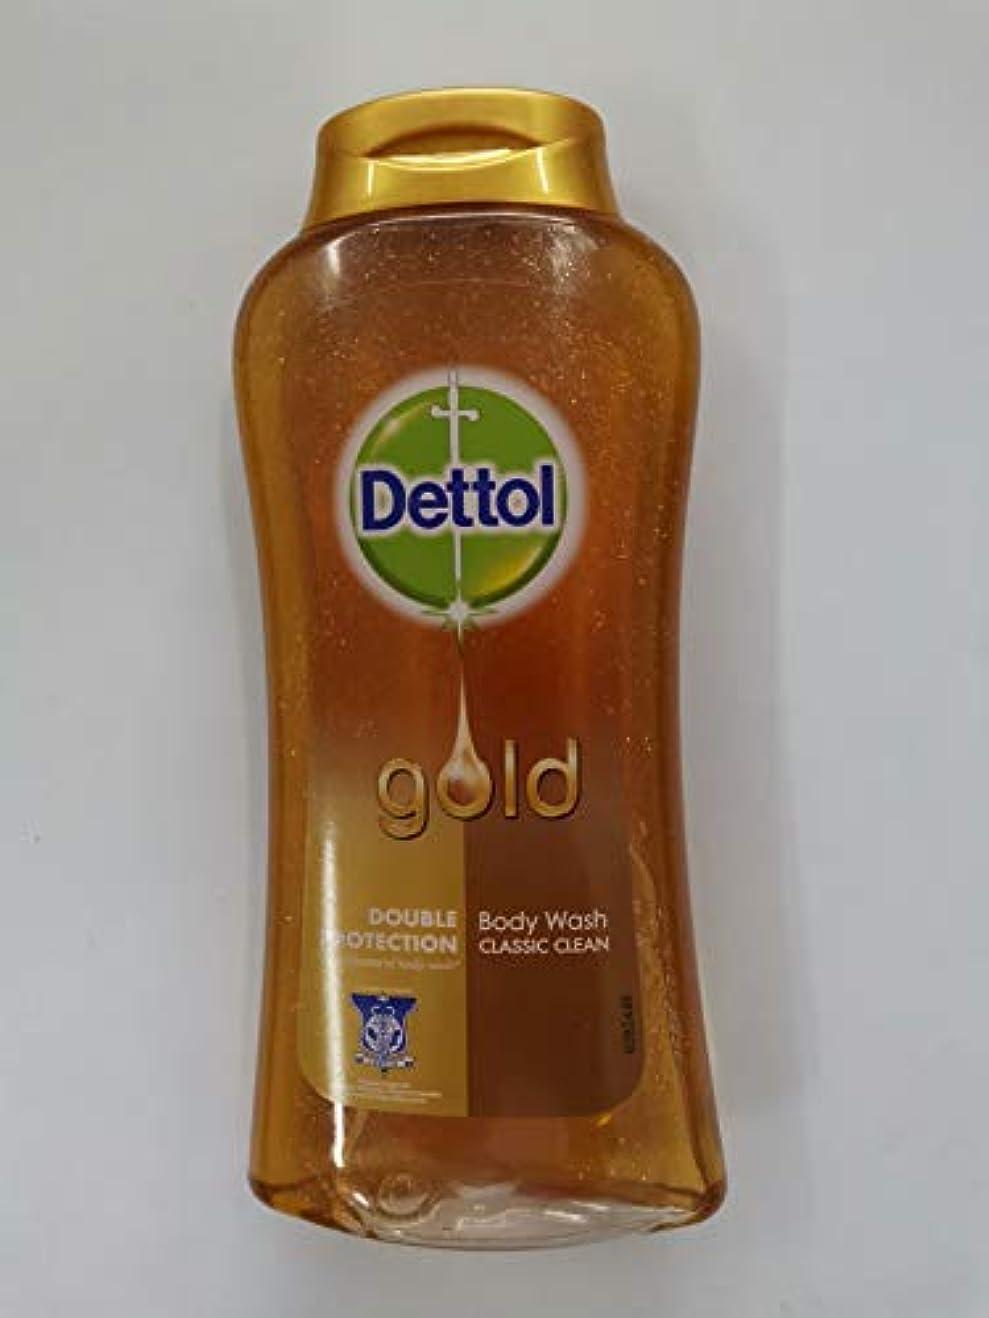 努力するチェリー作りDettol クラシッククリーンボディローション250ミリリットル - 細菌非食用風呂-kills 99.9% - 毎日の細菌を防ぎます